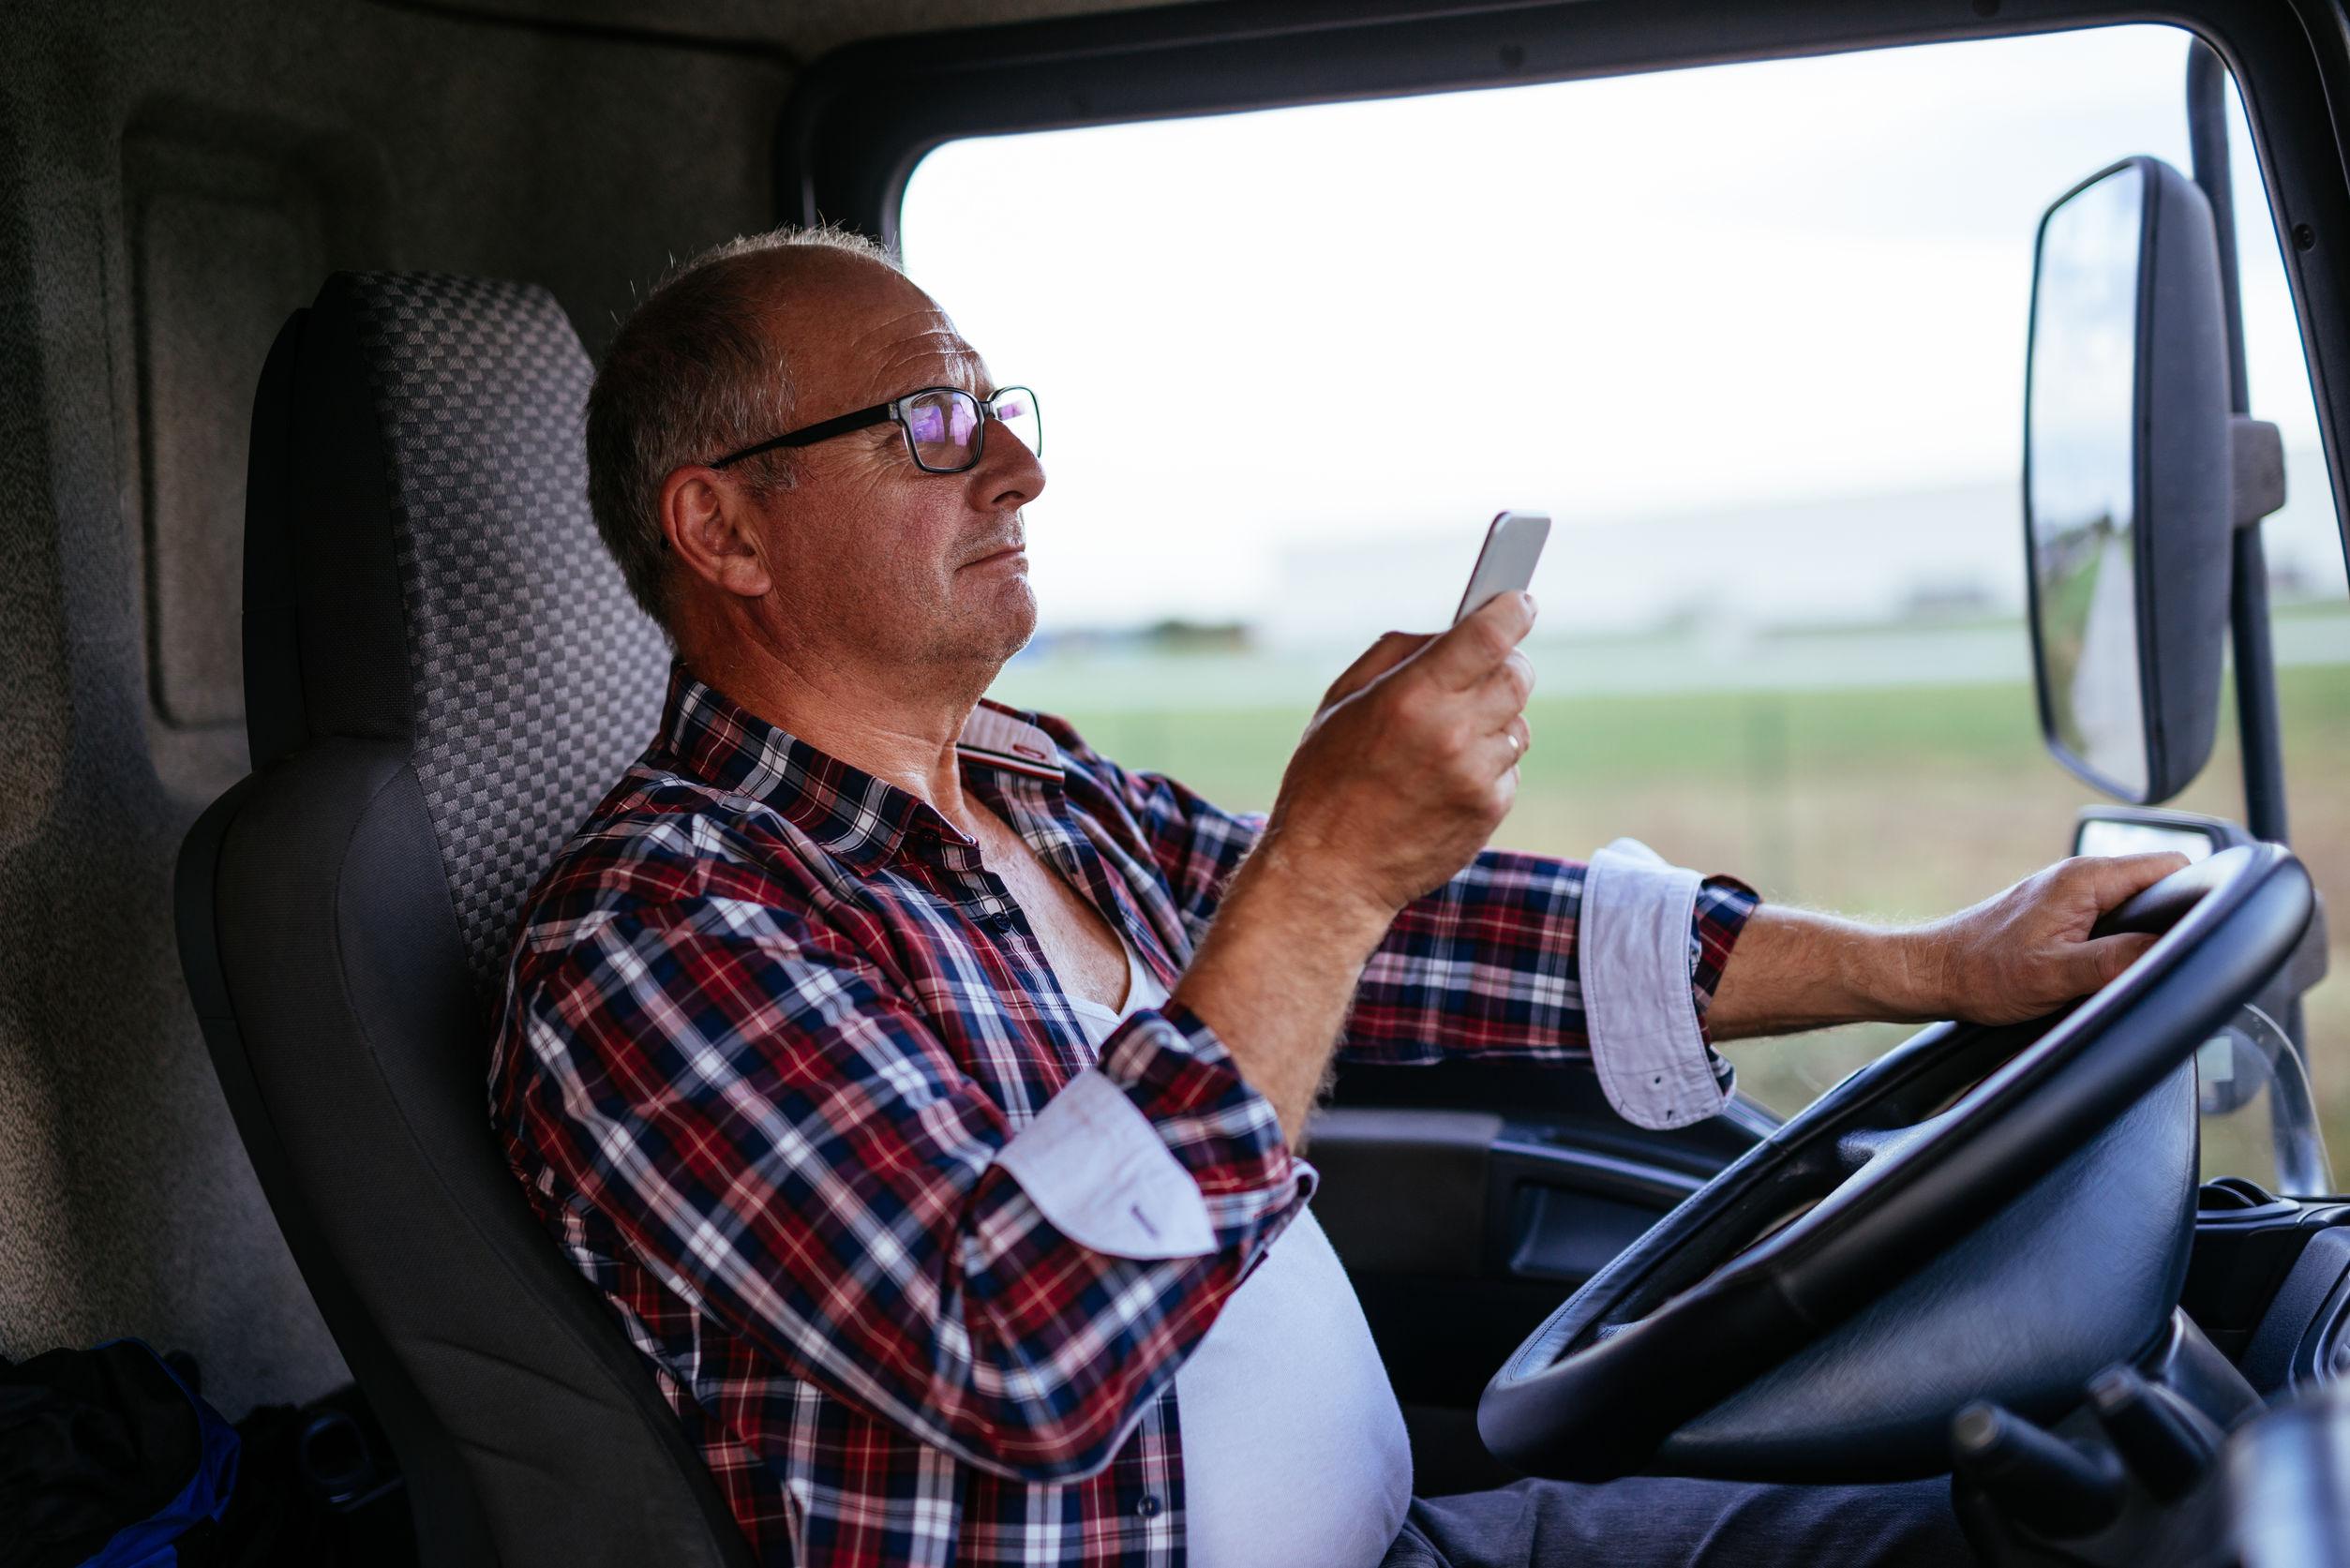 TruckTelefoon